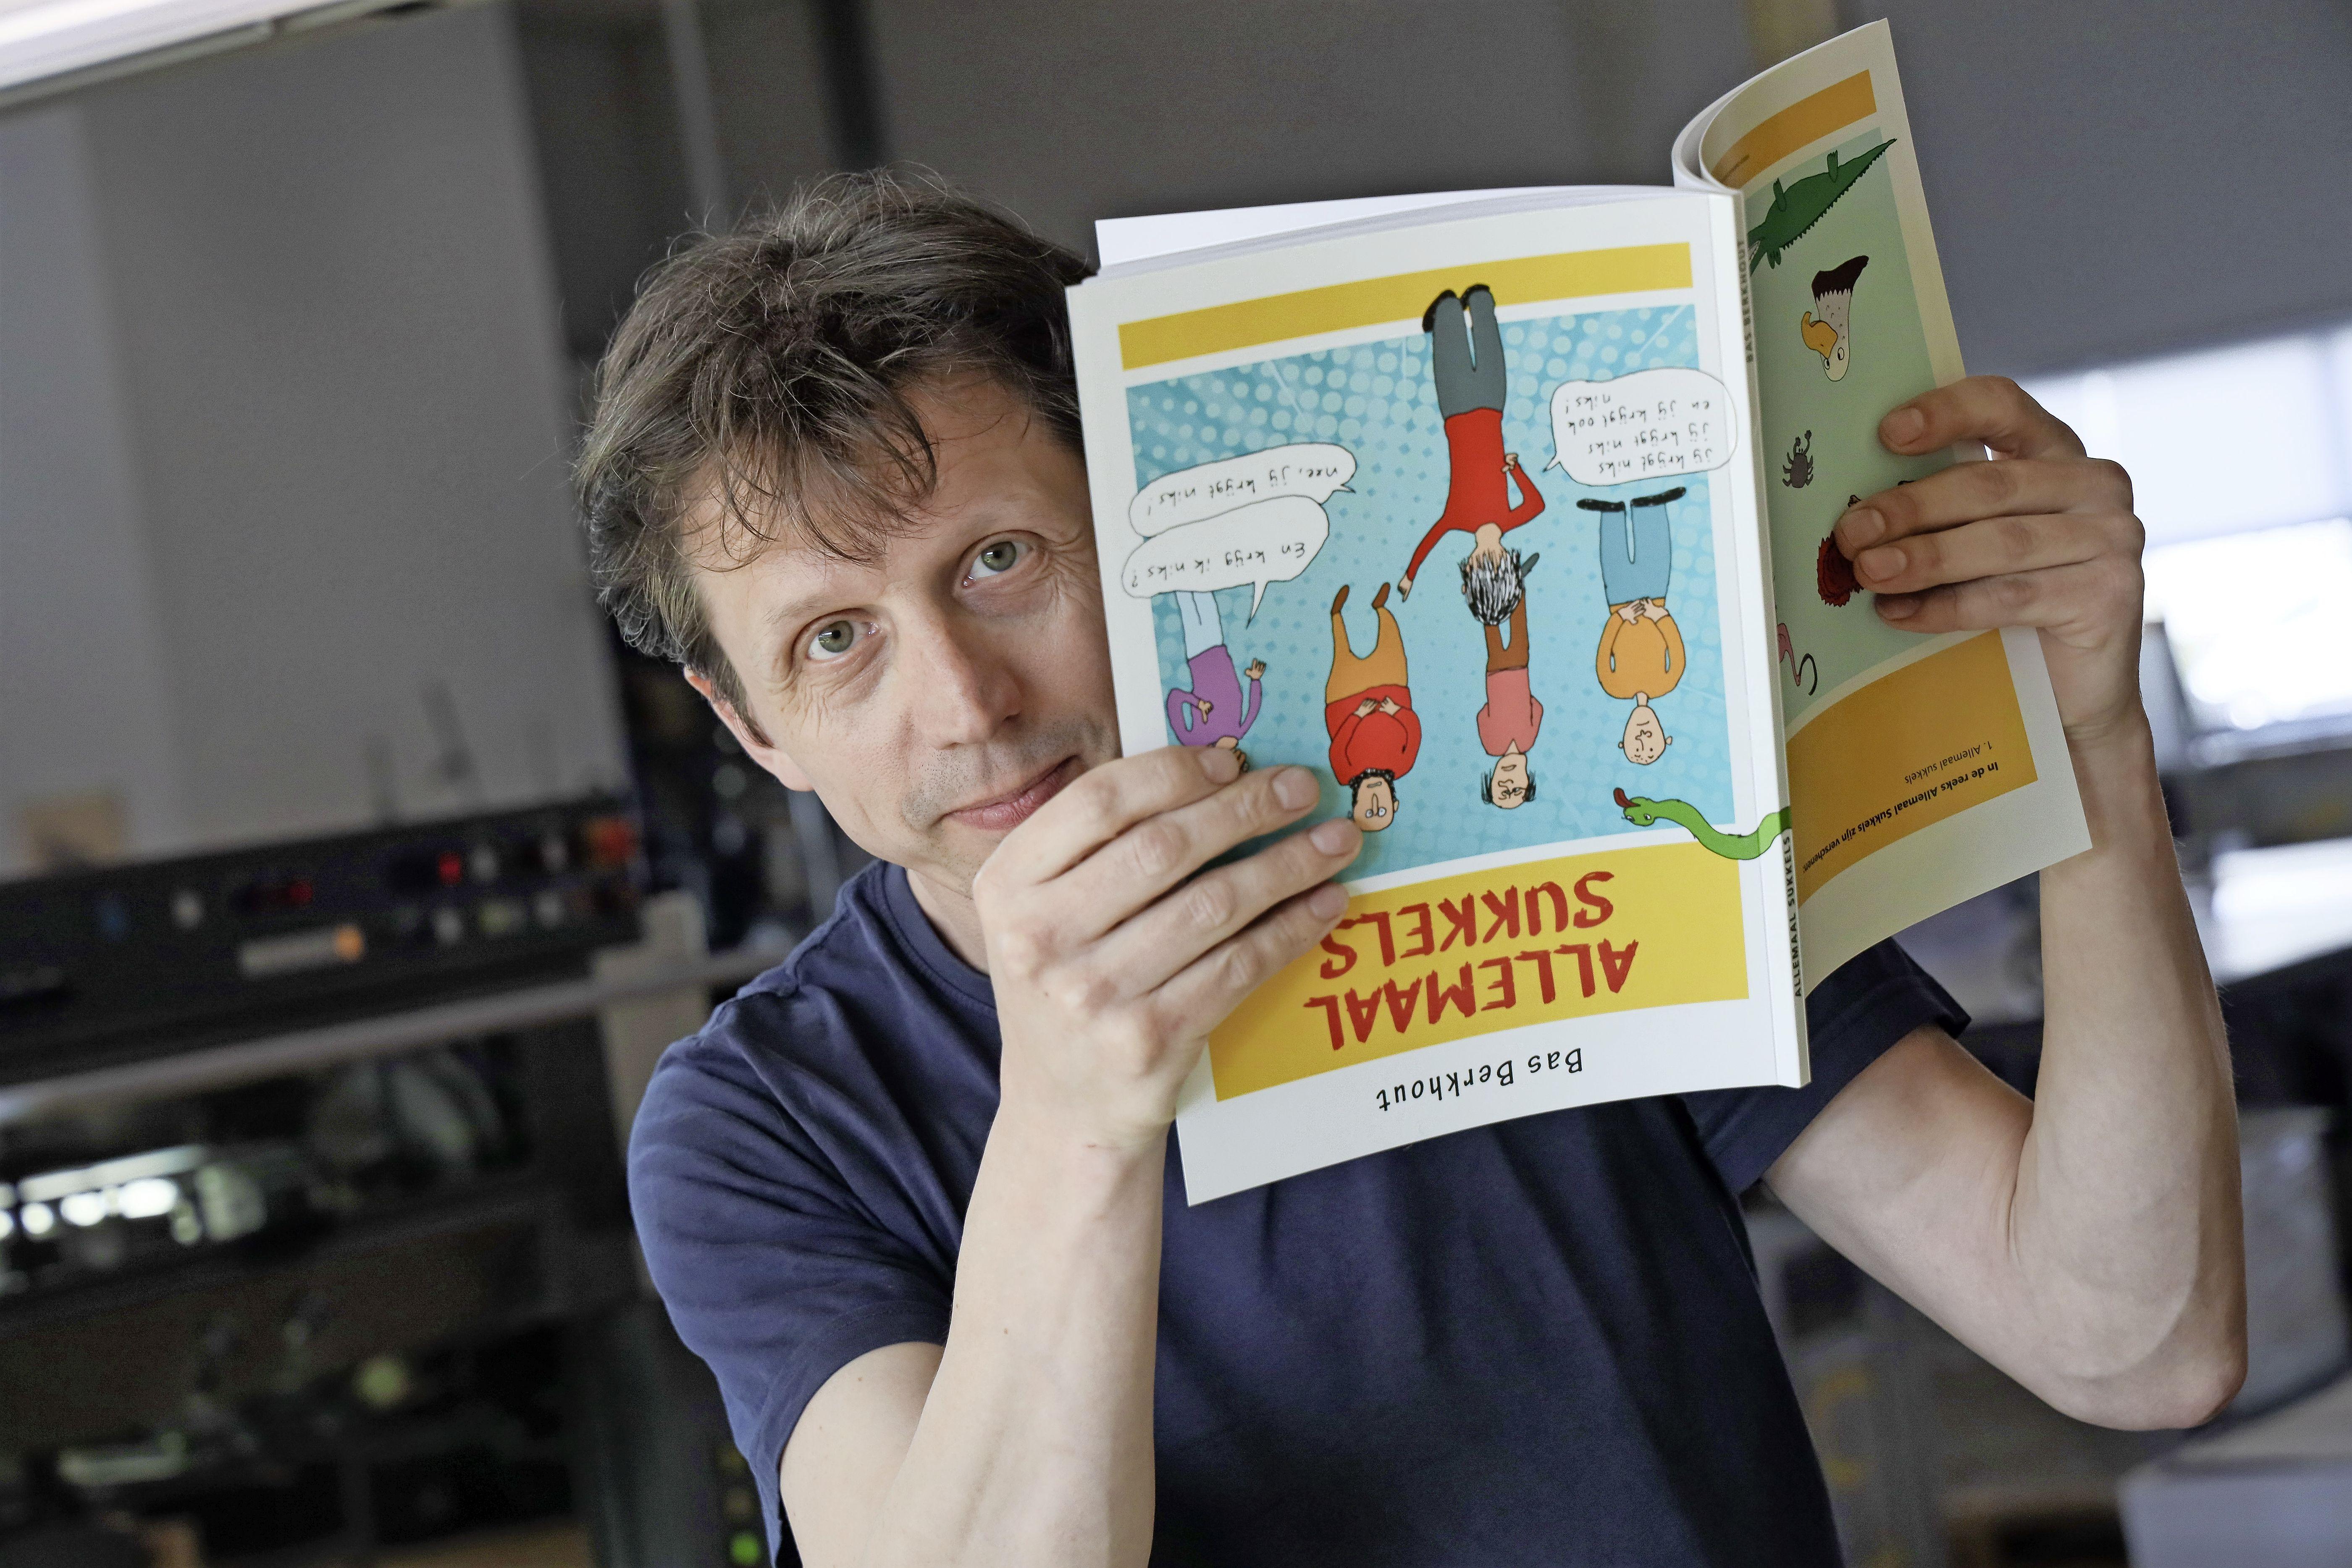 Bas Berkhout uit Wervershoof bundelt tekeningen vanaf zijn prille jeugd in boek: Absurdistische humor in (kant) tekeningen: 'Een beetje flauwekul kunnen we in deze malaise wel gebruiken'